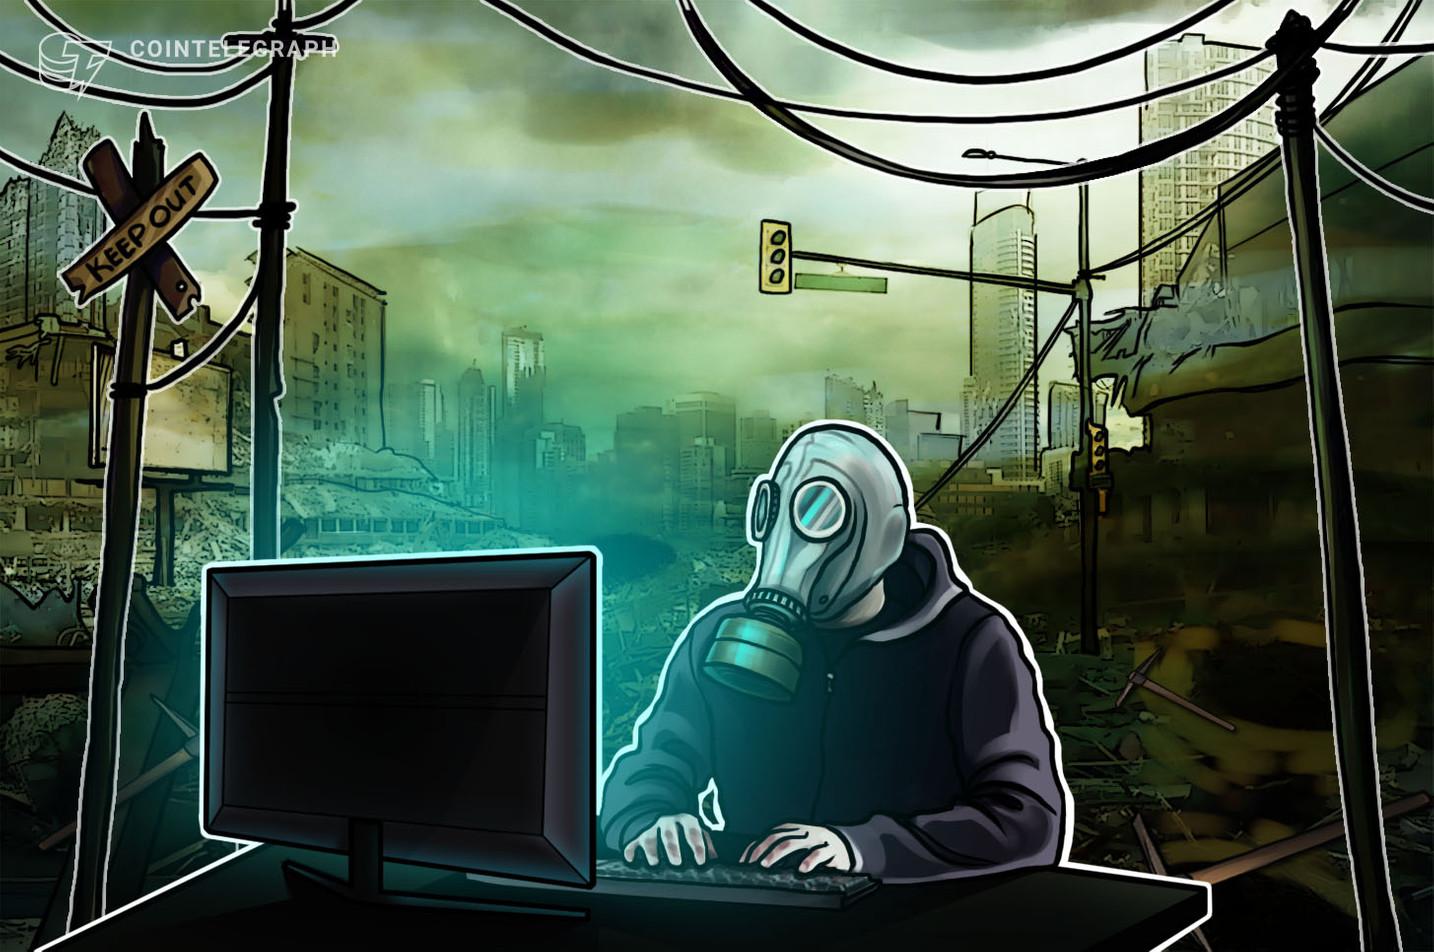 Bitcoin genera más emisiones de carbono que algunos países, advierte un estudio